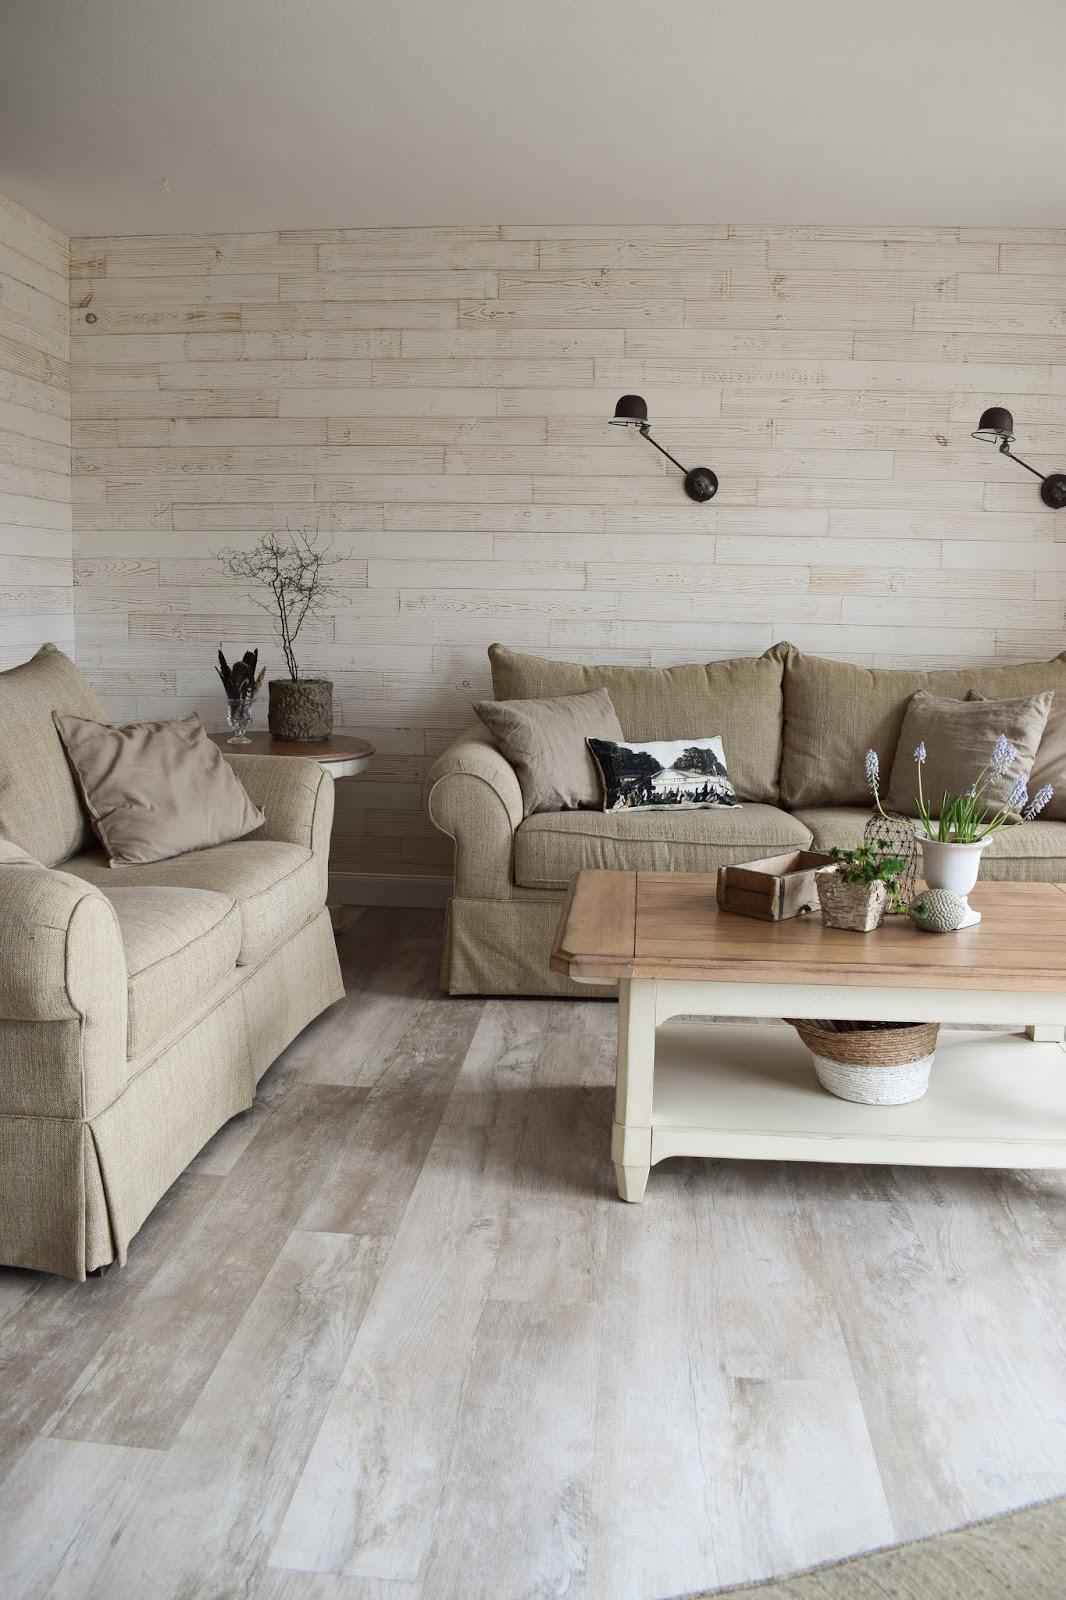 Wohnzimmer Dekoidee Wandverkleidung Holz Wandwood Deko Einrichtung Holzwand Renovierung DIY Selbermachen 2